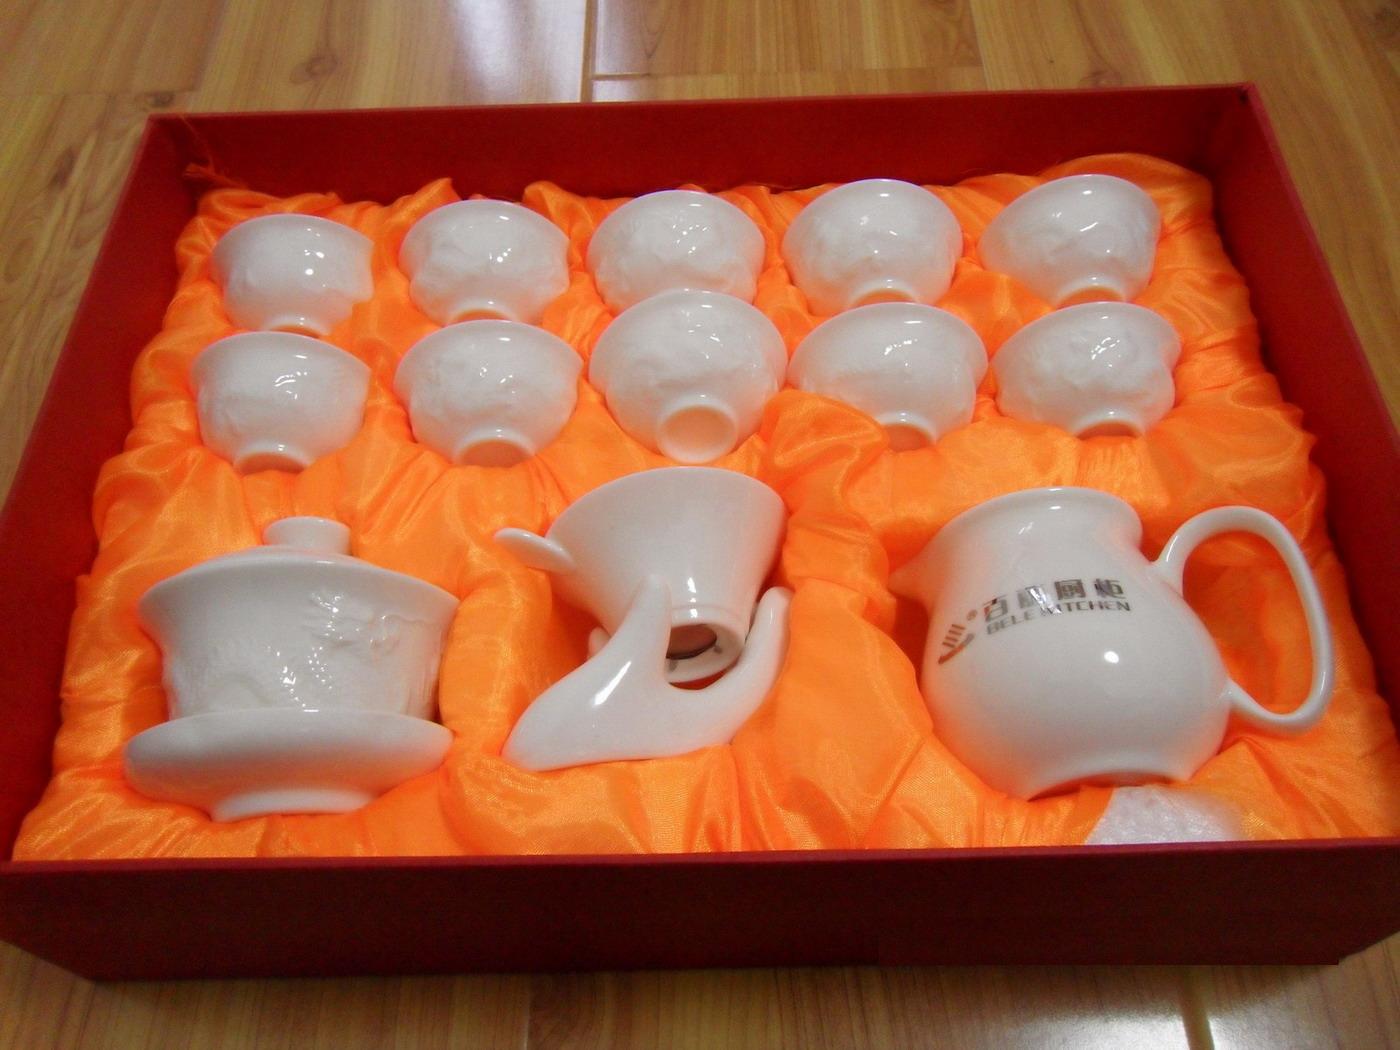 茶具的水龙头使用步骤